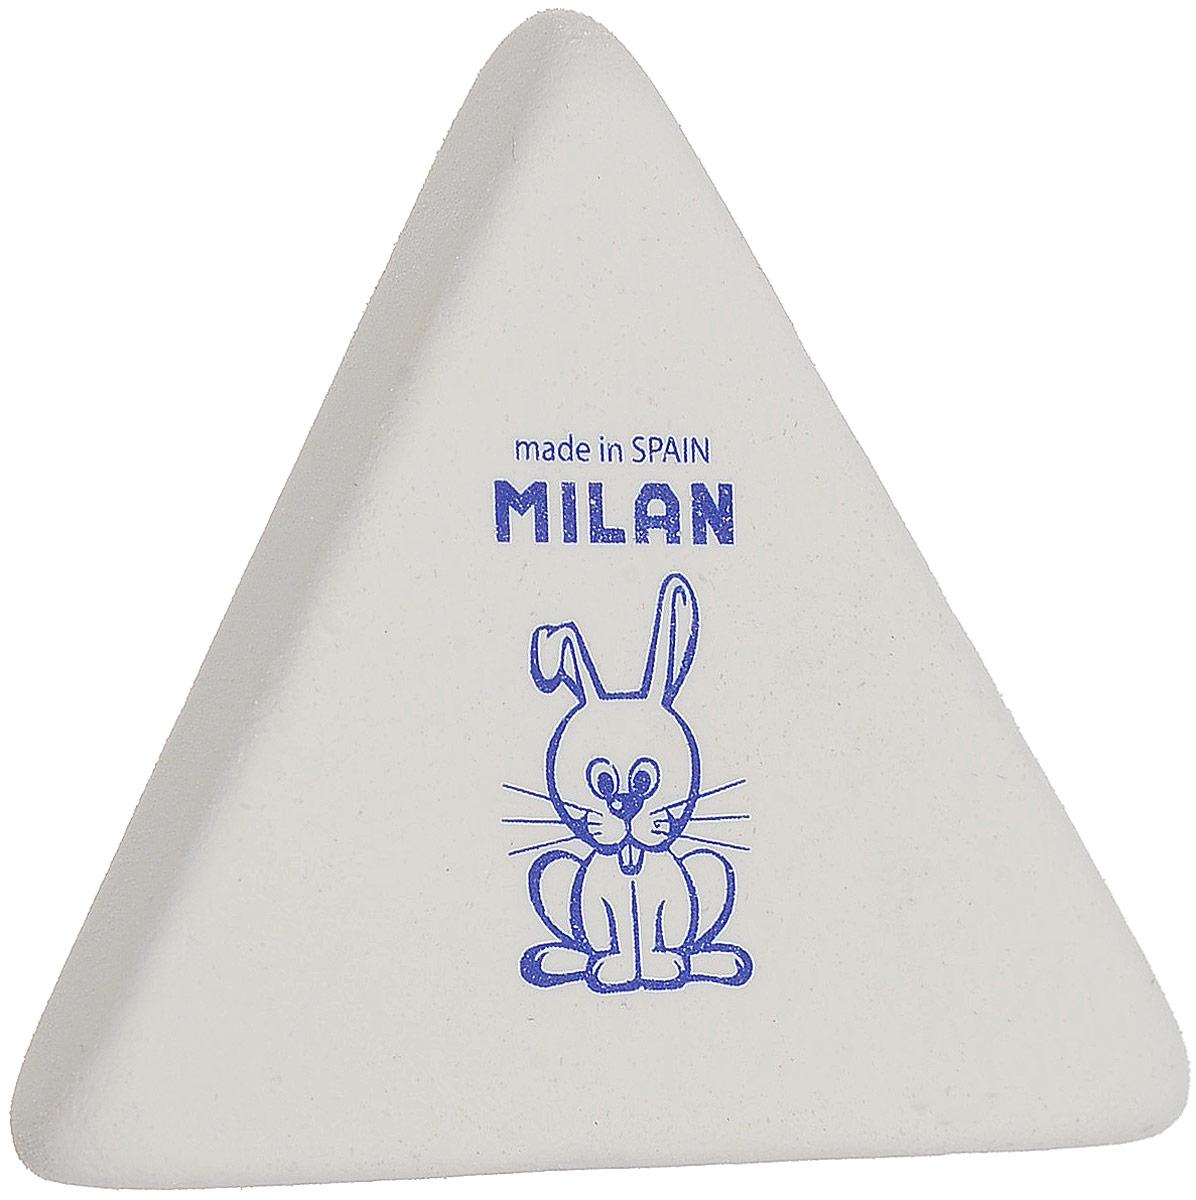 Milan Ластик 3X3 треугольный цвет белыйCMM3X3_белыйЛастик удобной треугольной формы для точного стирания. Отлично удаляет следы графита мыгких карандашей. Страна-производитель: Испания